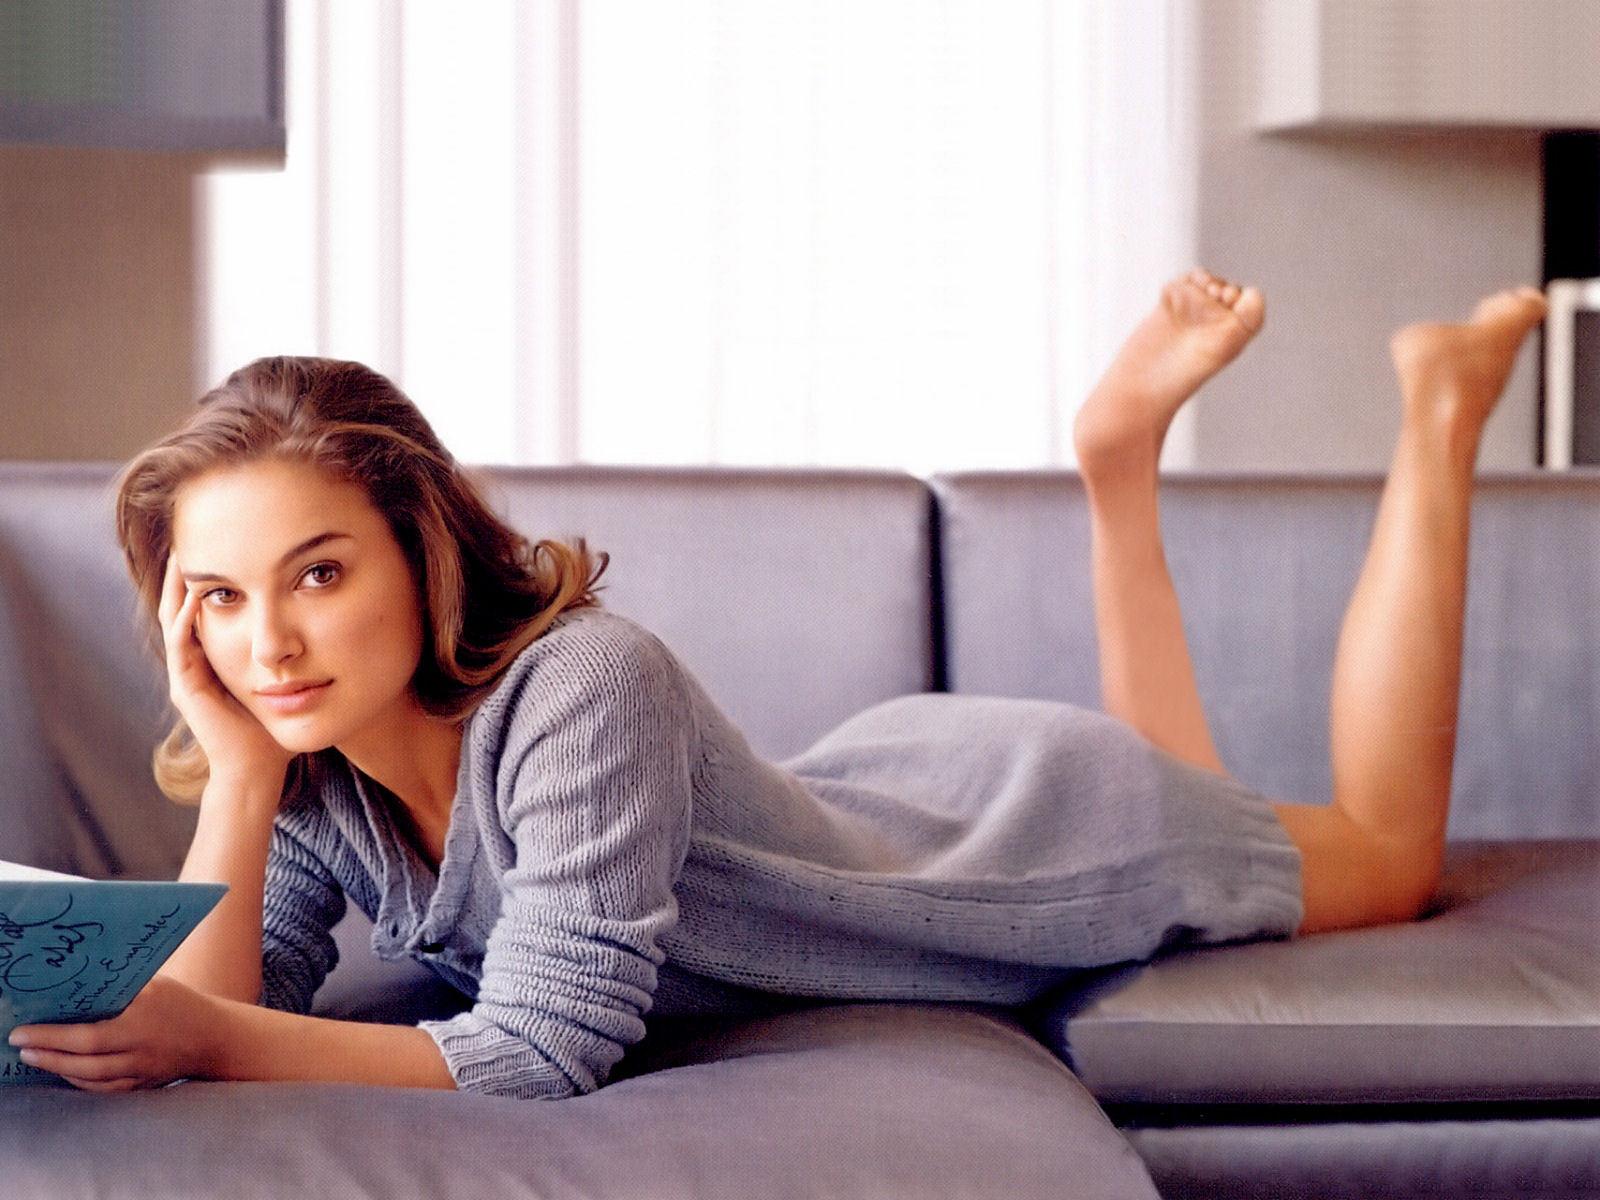 http://3.bp.blogspot.com/-3VWklgoHvlI/T54MnHE6mOI/AAAAAAAACco/0ue58YQgY_A/s1600/Natalie+Portman+HD+Wallpapers+2012_6.jpg